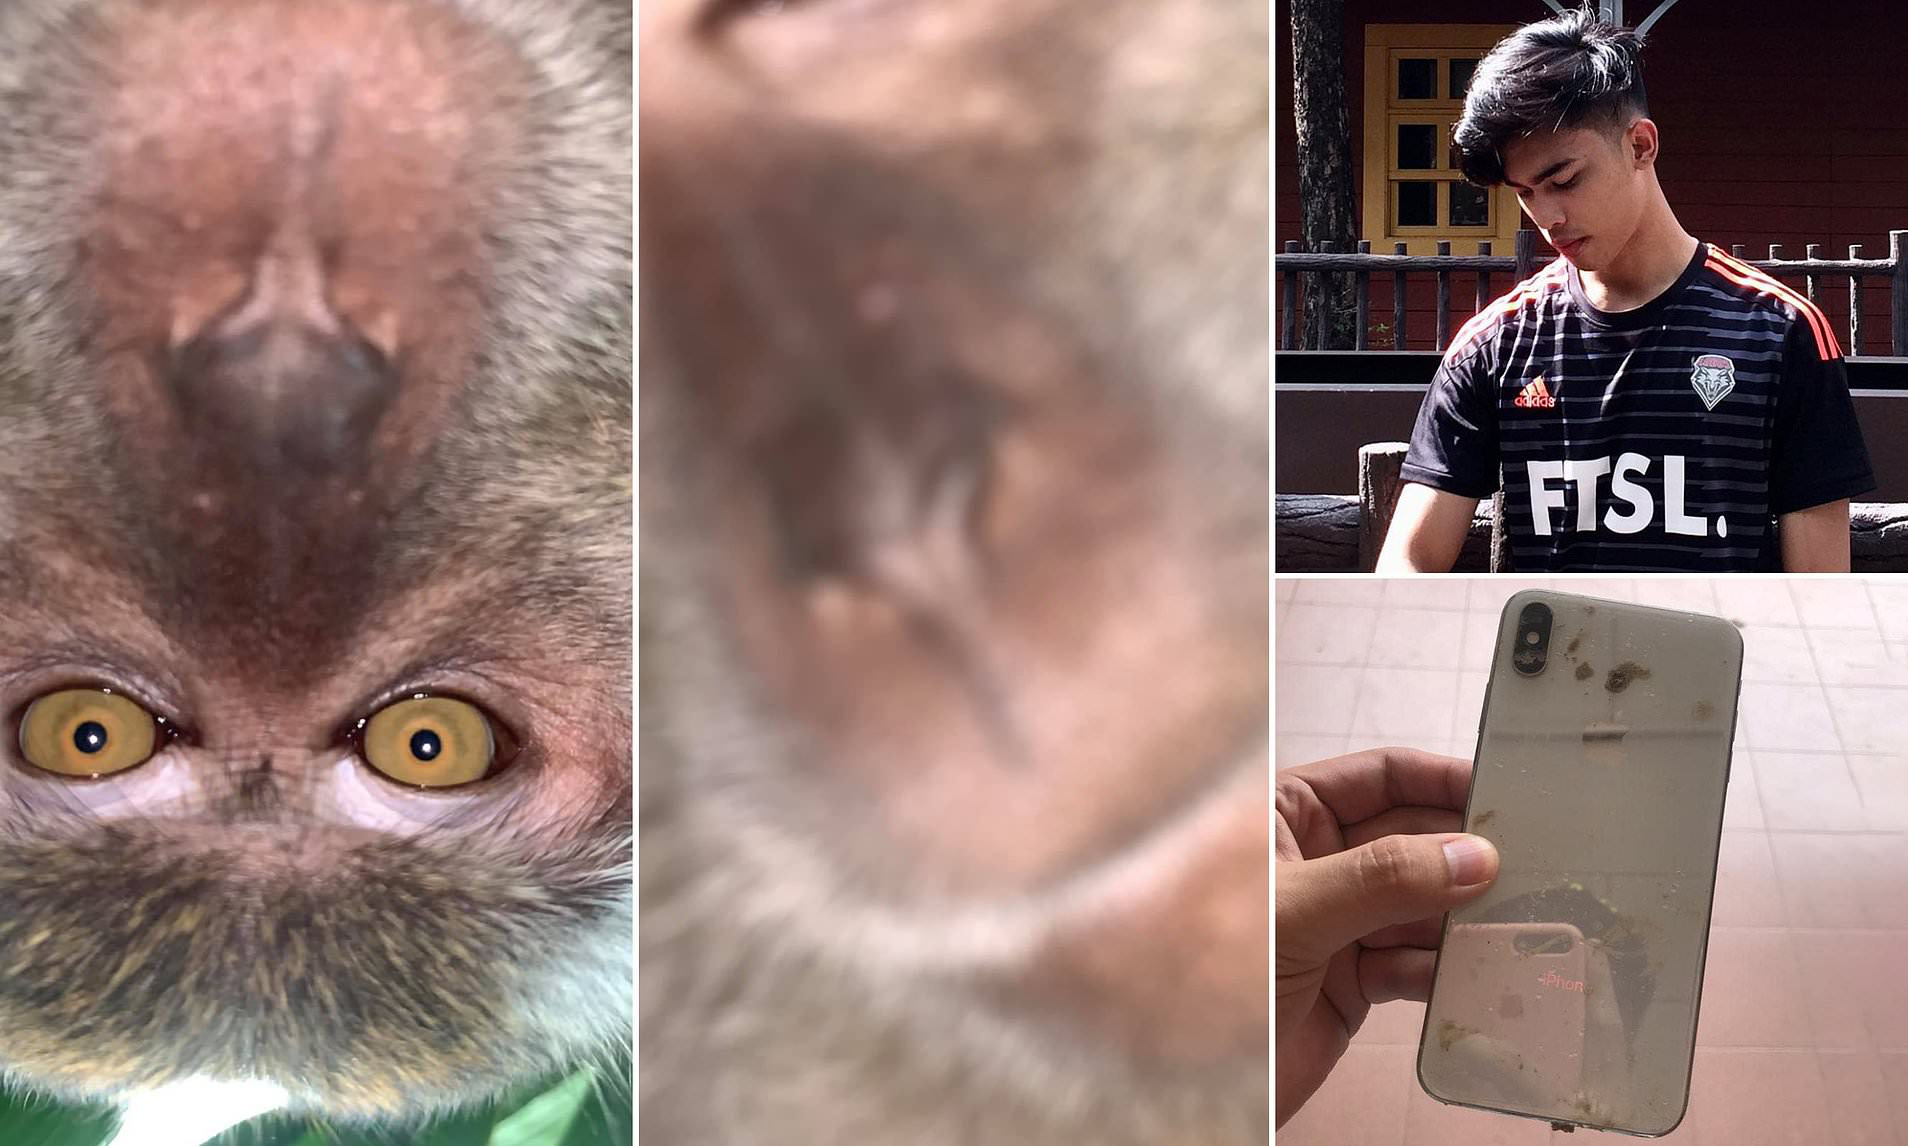 """Tìm thấy iPhone mất tích, khổ chủ chỉ biết dở khóc dở cười với ảnh tự sướng của """"kẻ trộm"""" - Ảnh 3."""